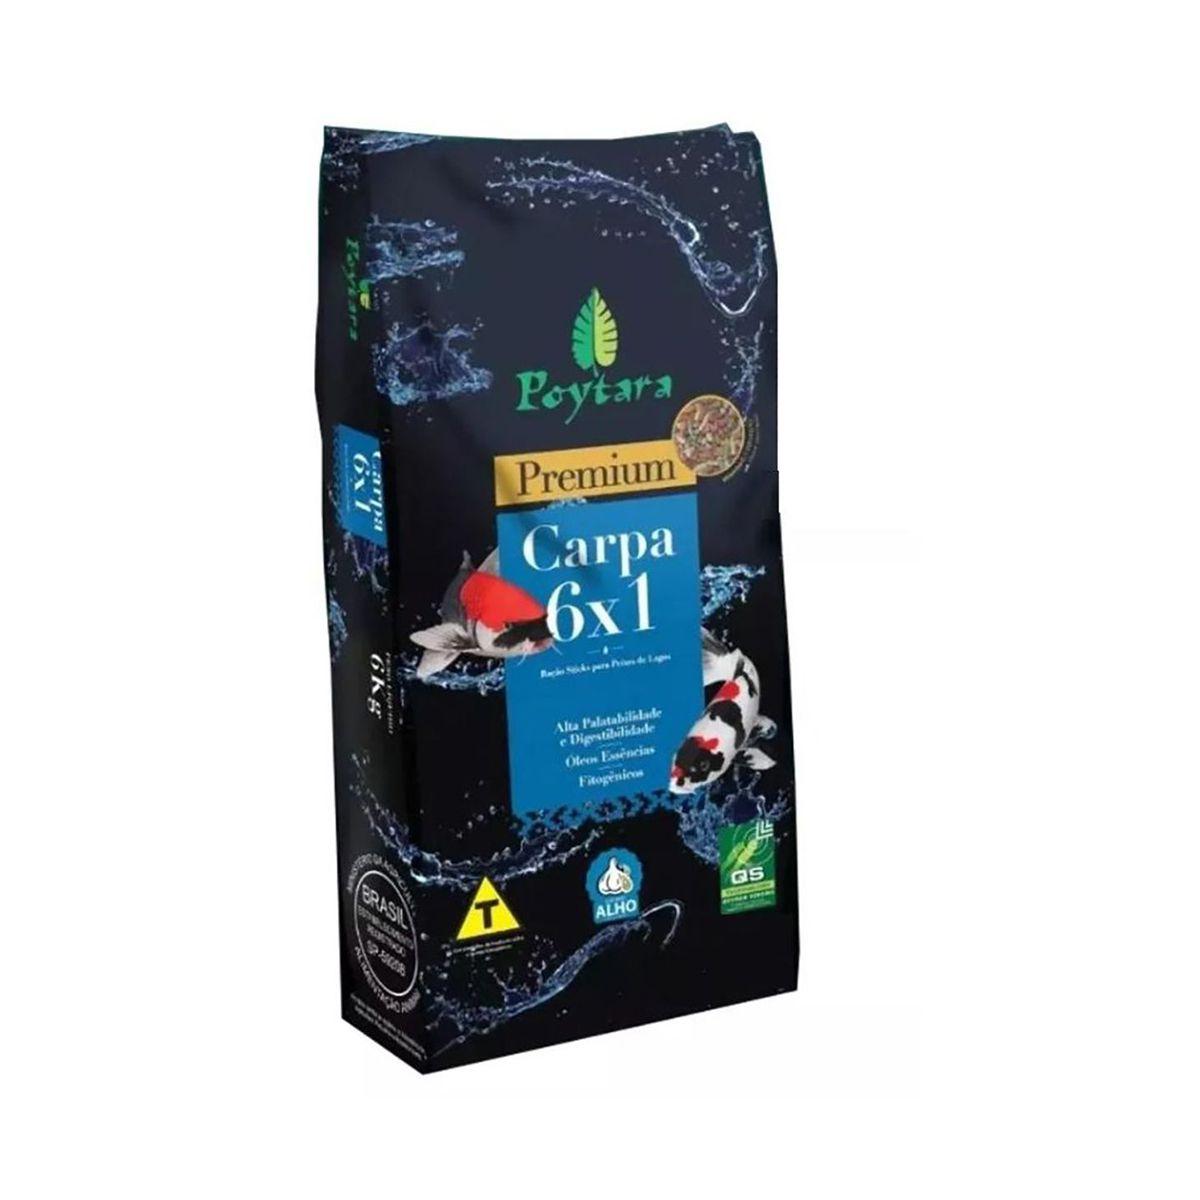 Ração Poytara P/carpas Sticks Premium Mix 6x1 -1,5kg